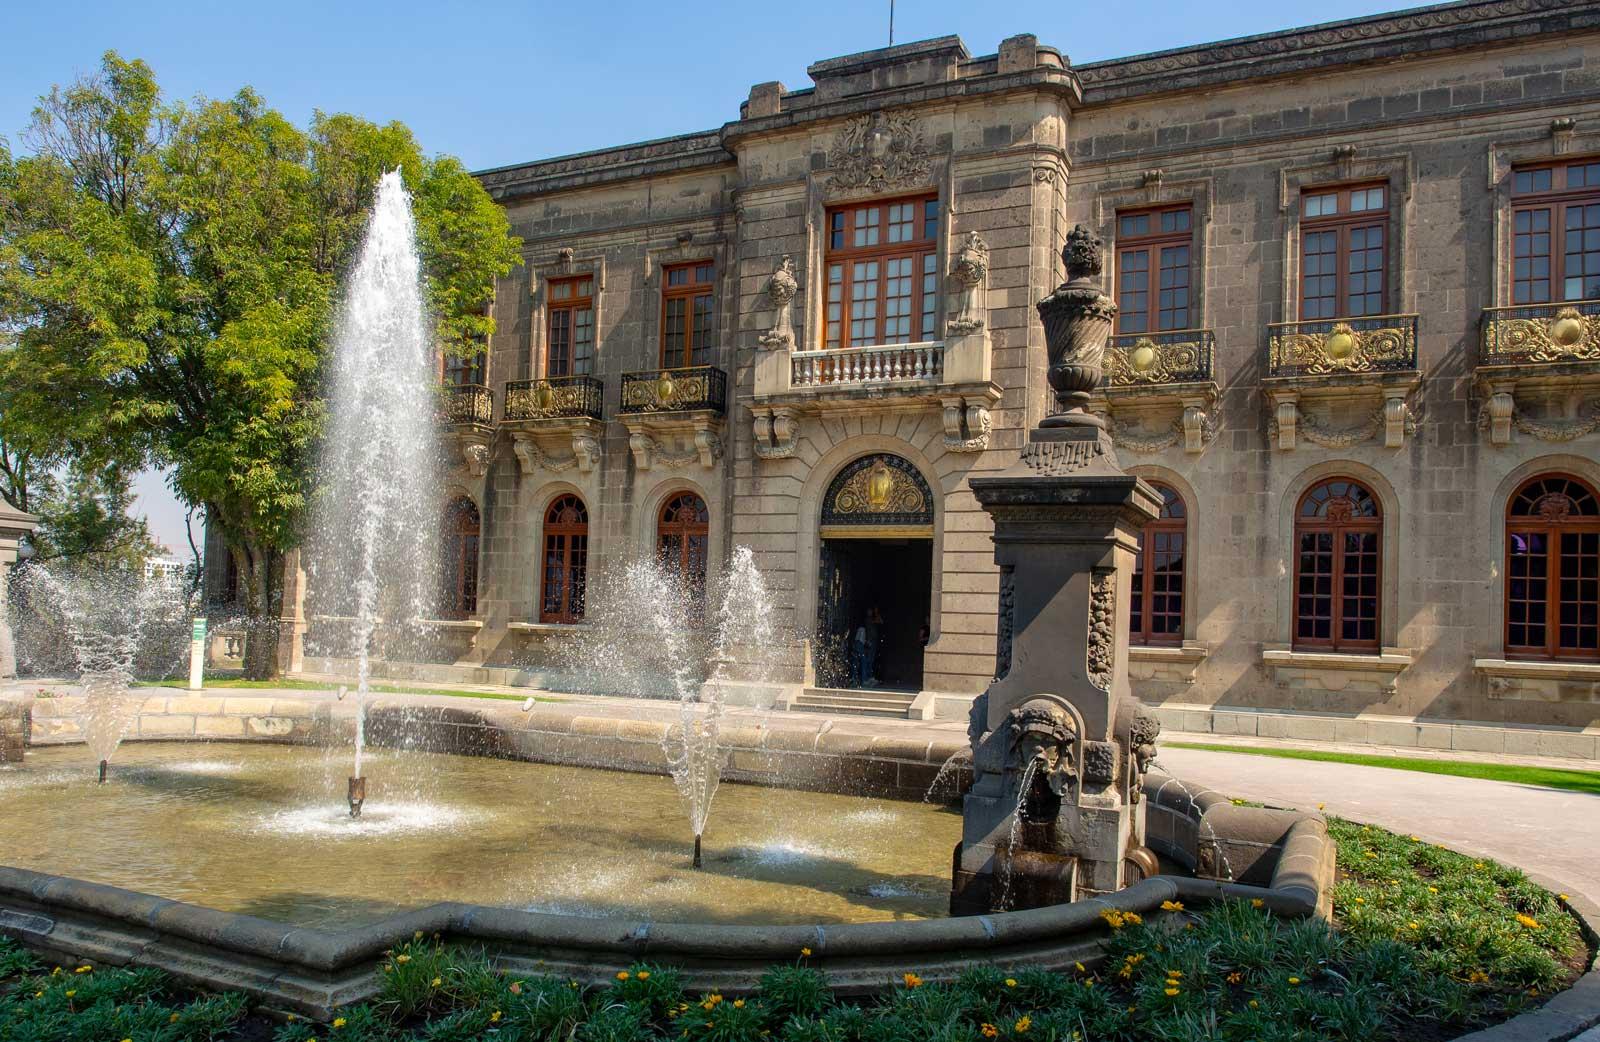 Garten mit Brunnen - Castillo de Chapultepec